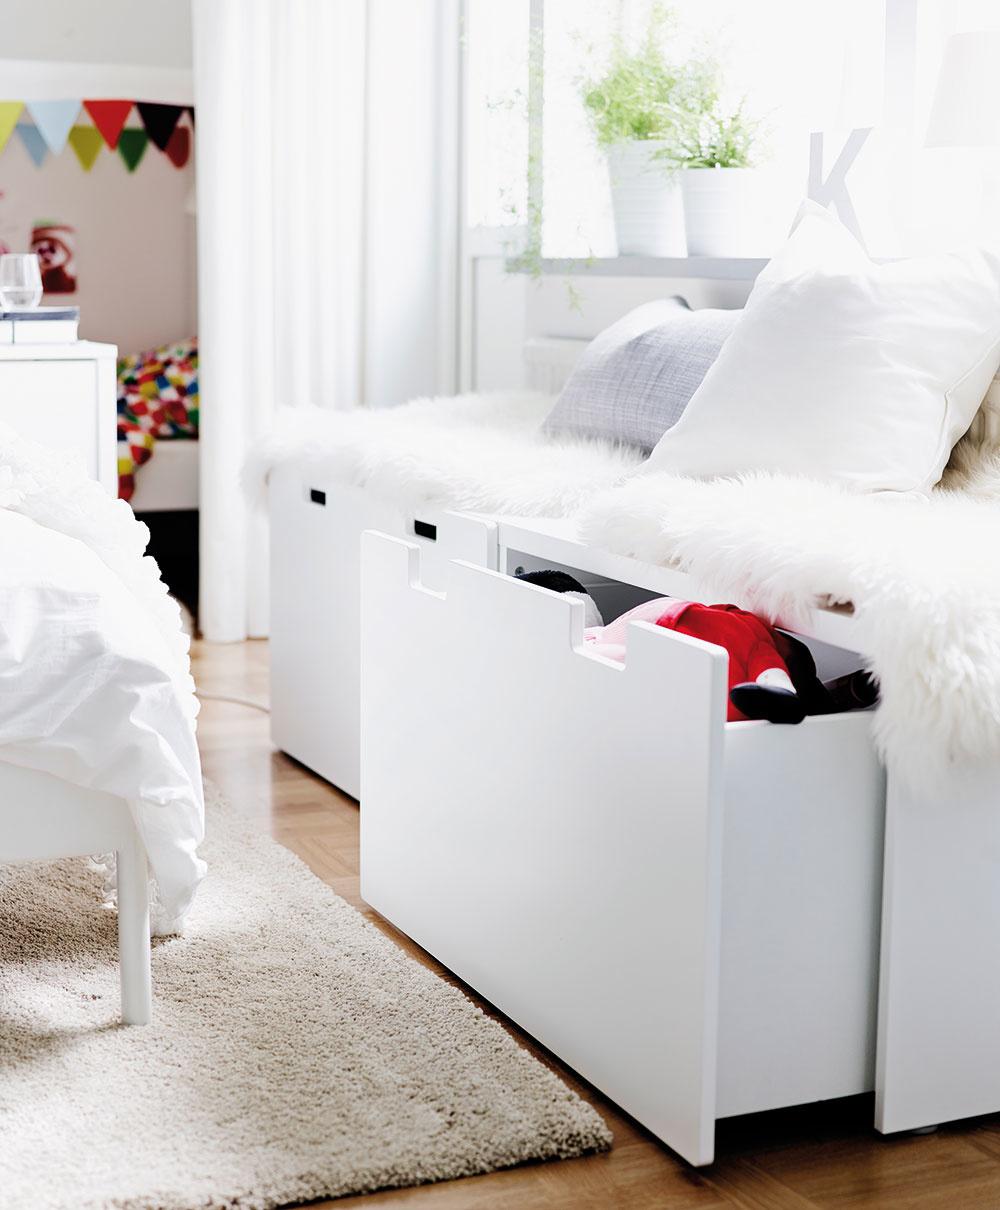 LAVICA S ÚLOŽNÝM PRIESTOROM poskytne okrem romantického posedenia pri okne aj možnosť, kam schovať sezónne oblečenie, deky, paplóny či vankúše. Biela lavica Stuva, 90 × 50 × 50 cm, 54,90 €, predáva IKEA